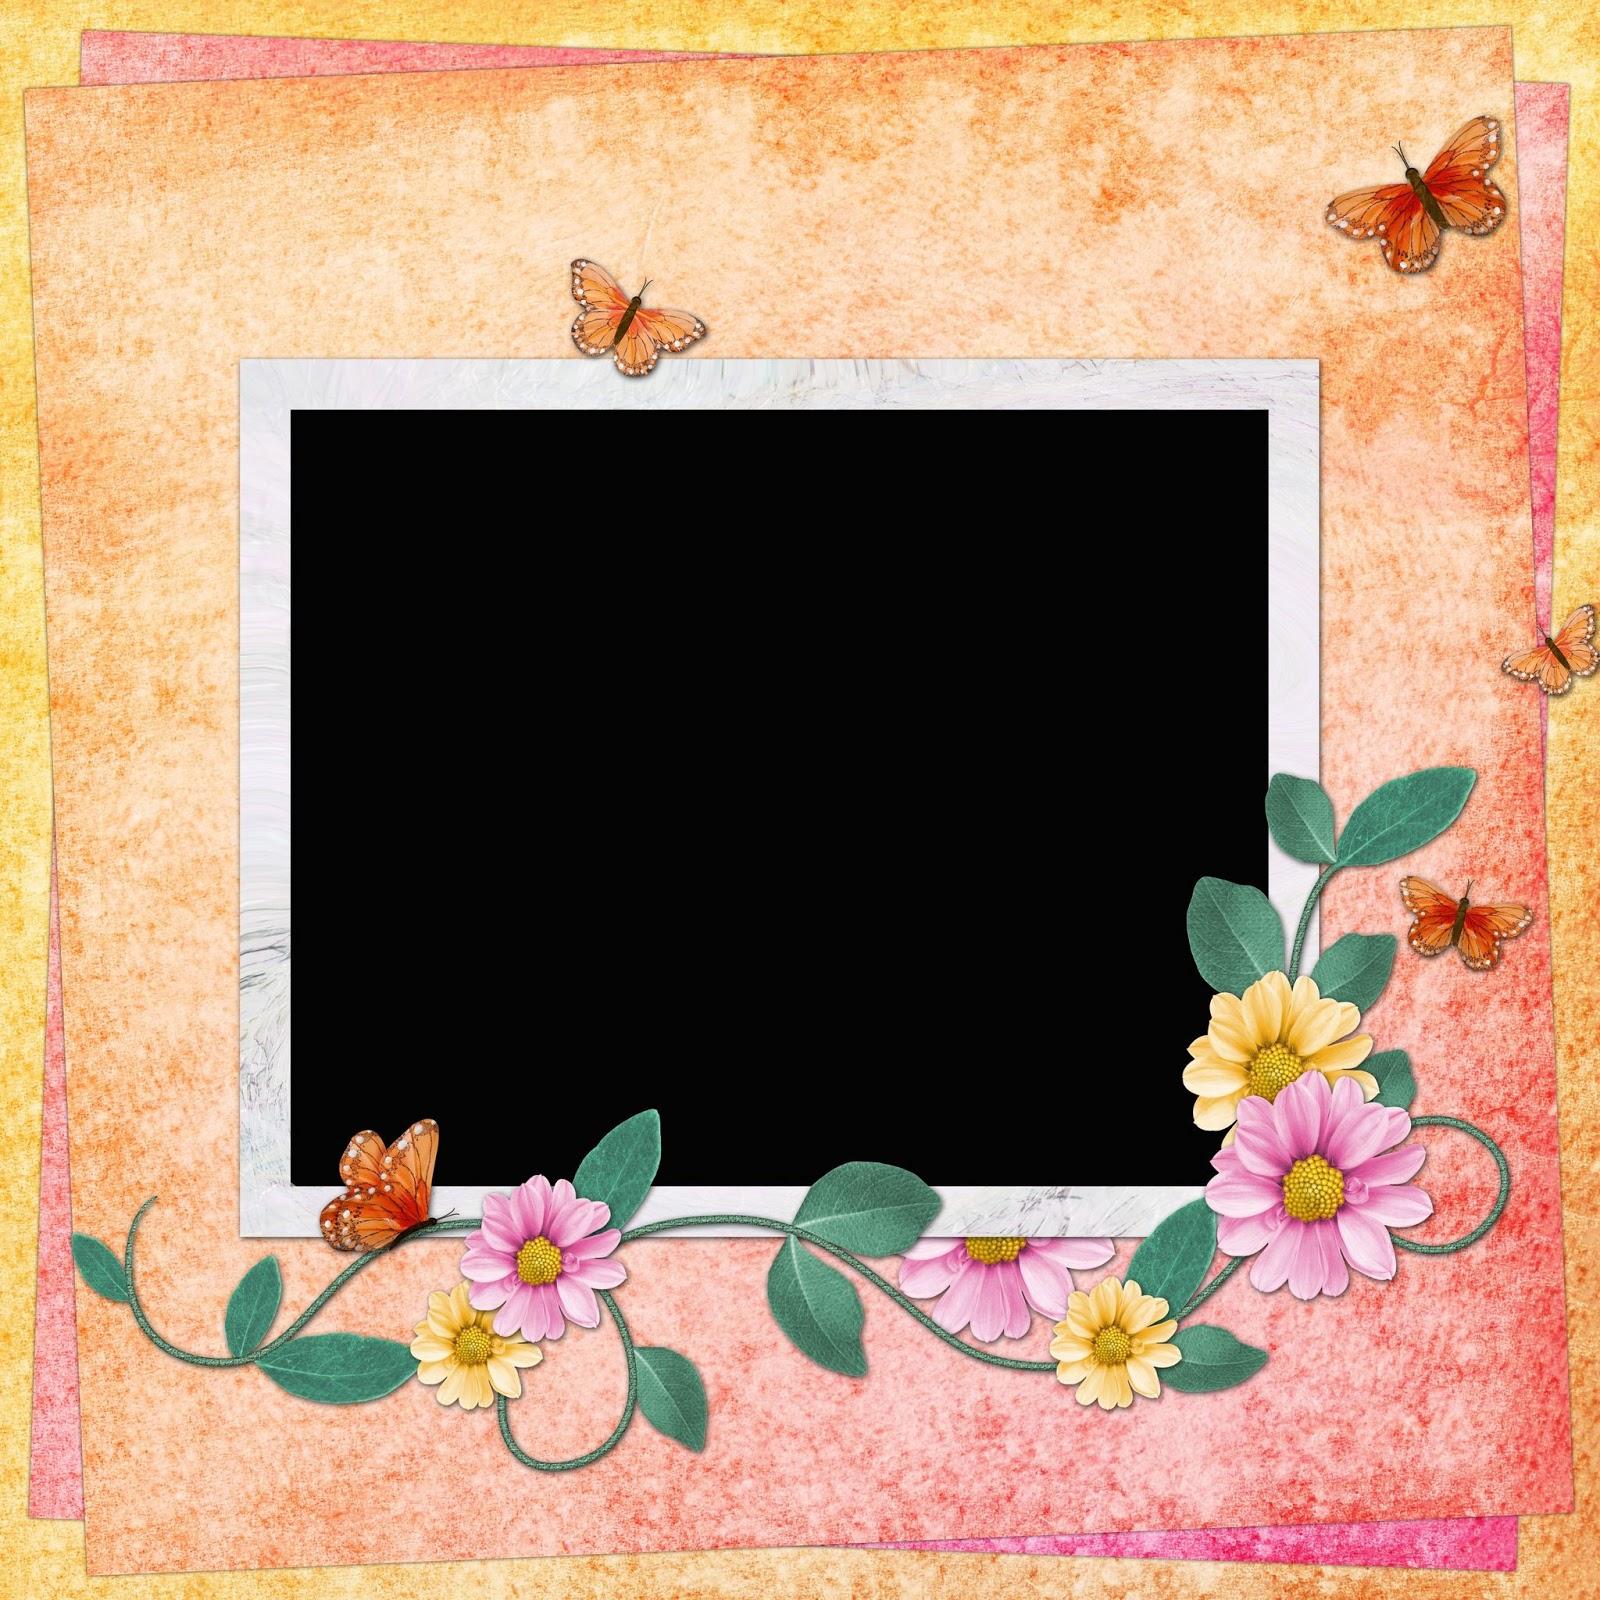 Banco de im genes portaretrato con flores y mariposas for Cuadros para poner fotos